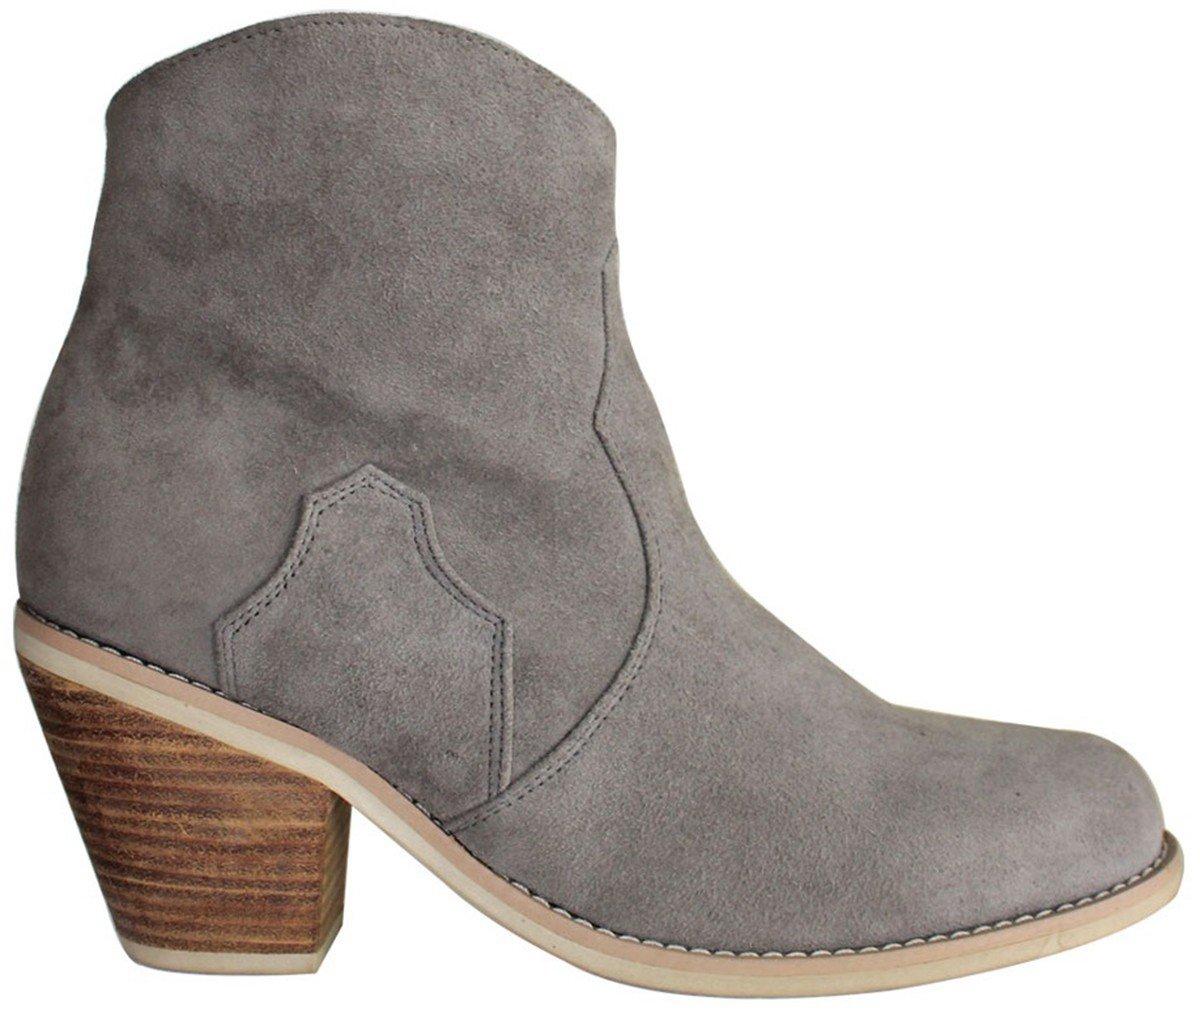 11sunshop - Botas para mujer44 gris En línea Obtenga la mejor oferta barata de descuento más grande